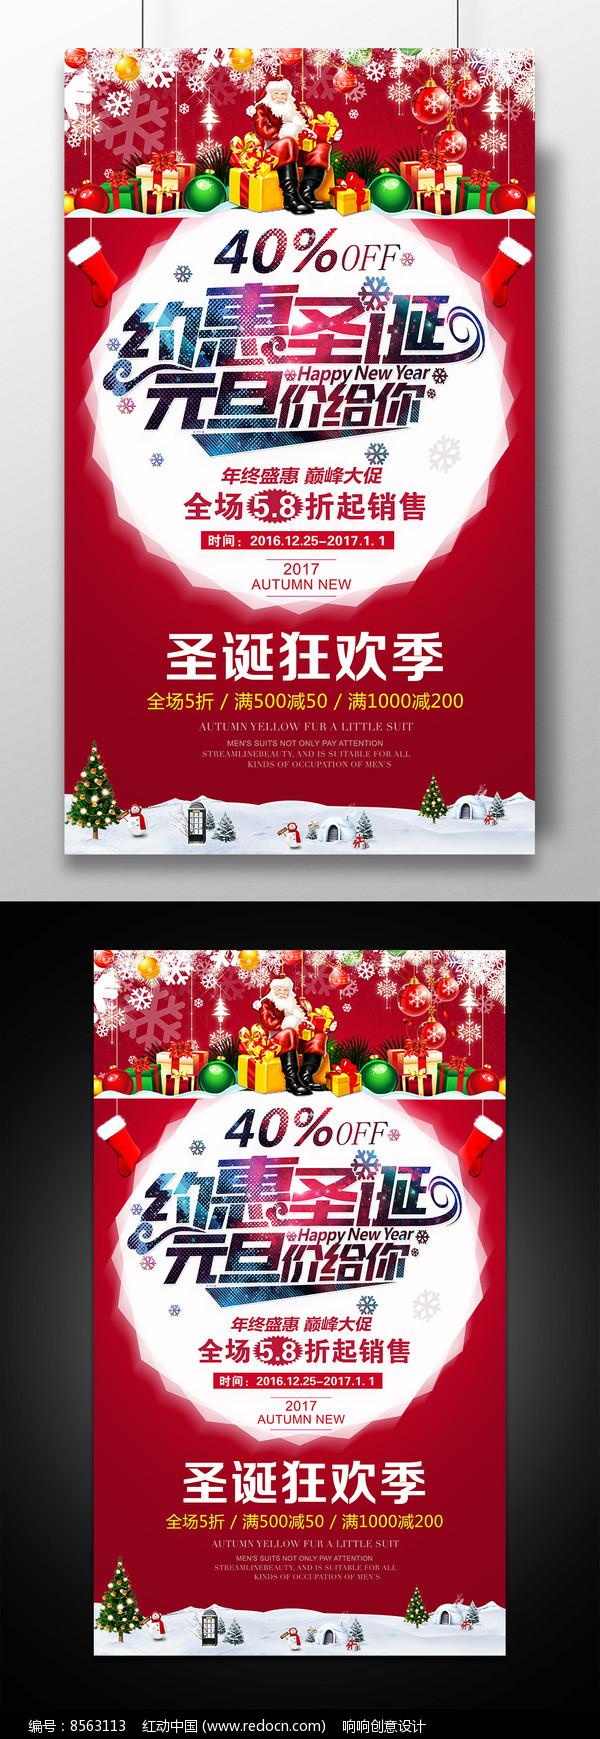 圣诞元旦促销海报PSD素材图片